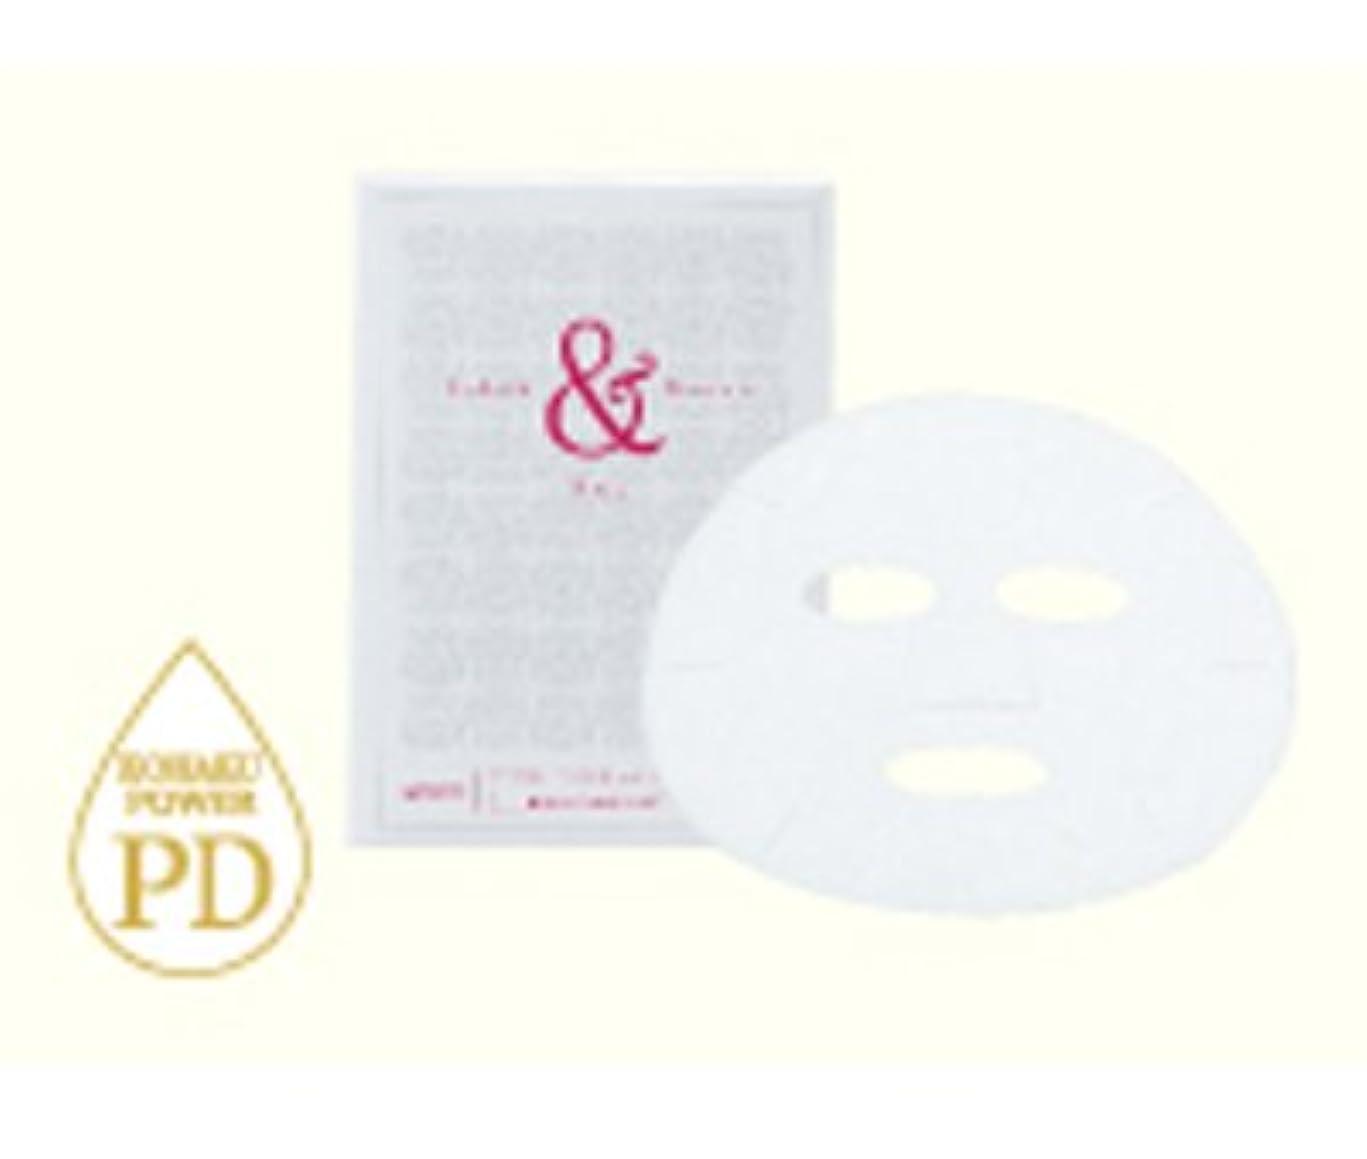 ドメインダーベビルのテス落胆させるヤマノ インナー&アウタービューティー 琥珀&プラセンタマスク(美容液20ml×8枚)